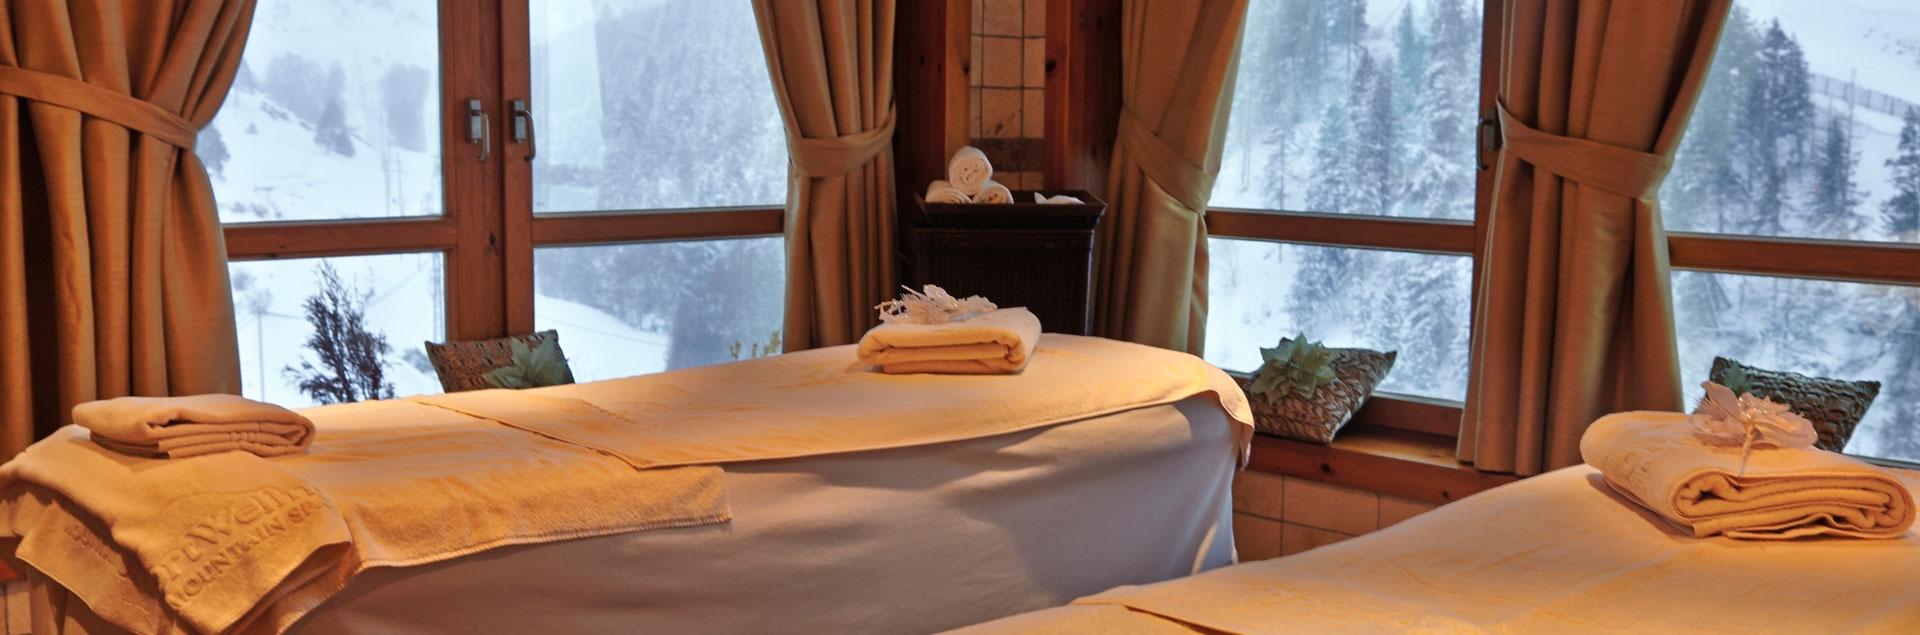 Hermitage experience sport hotel hermitage andorra - Hotel ermitage andorra ...